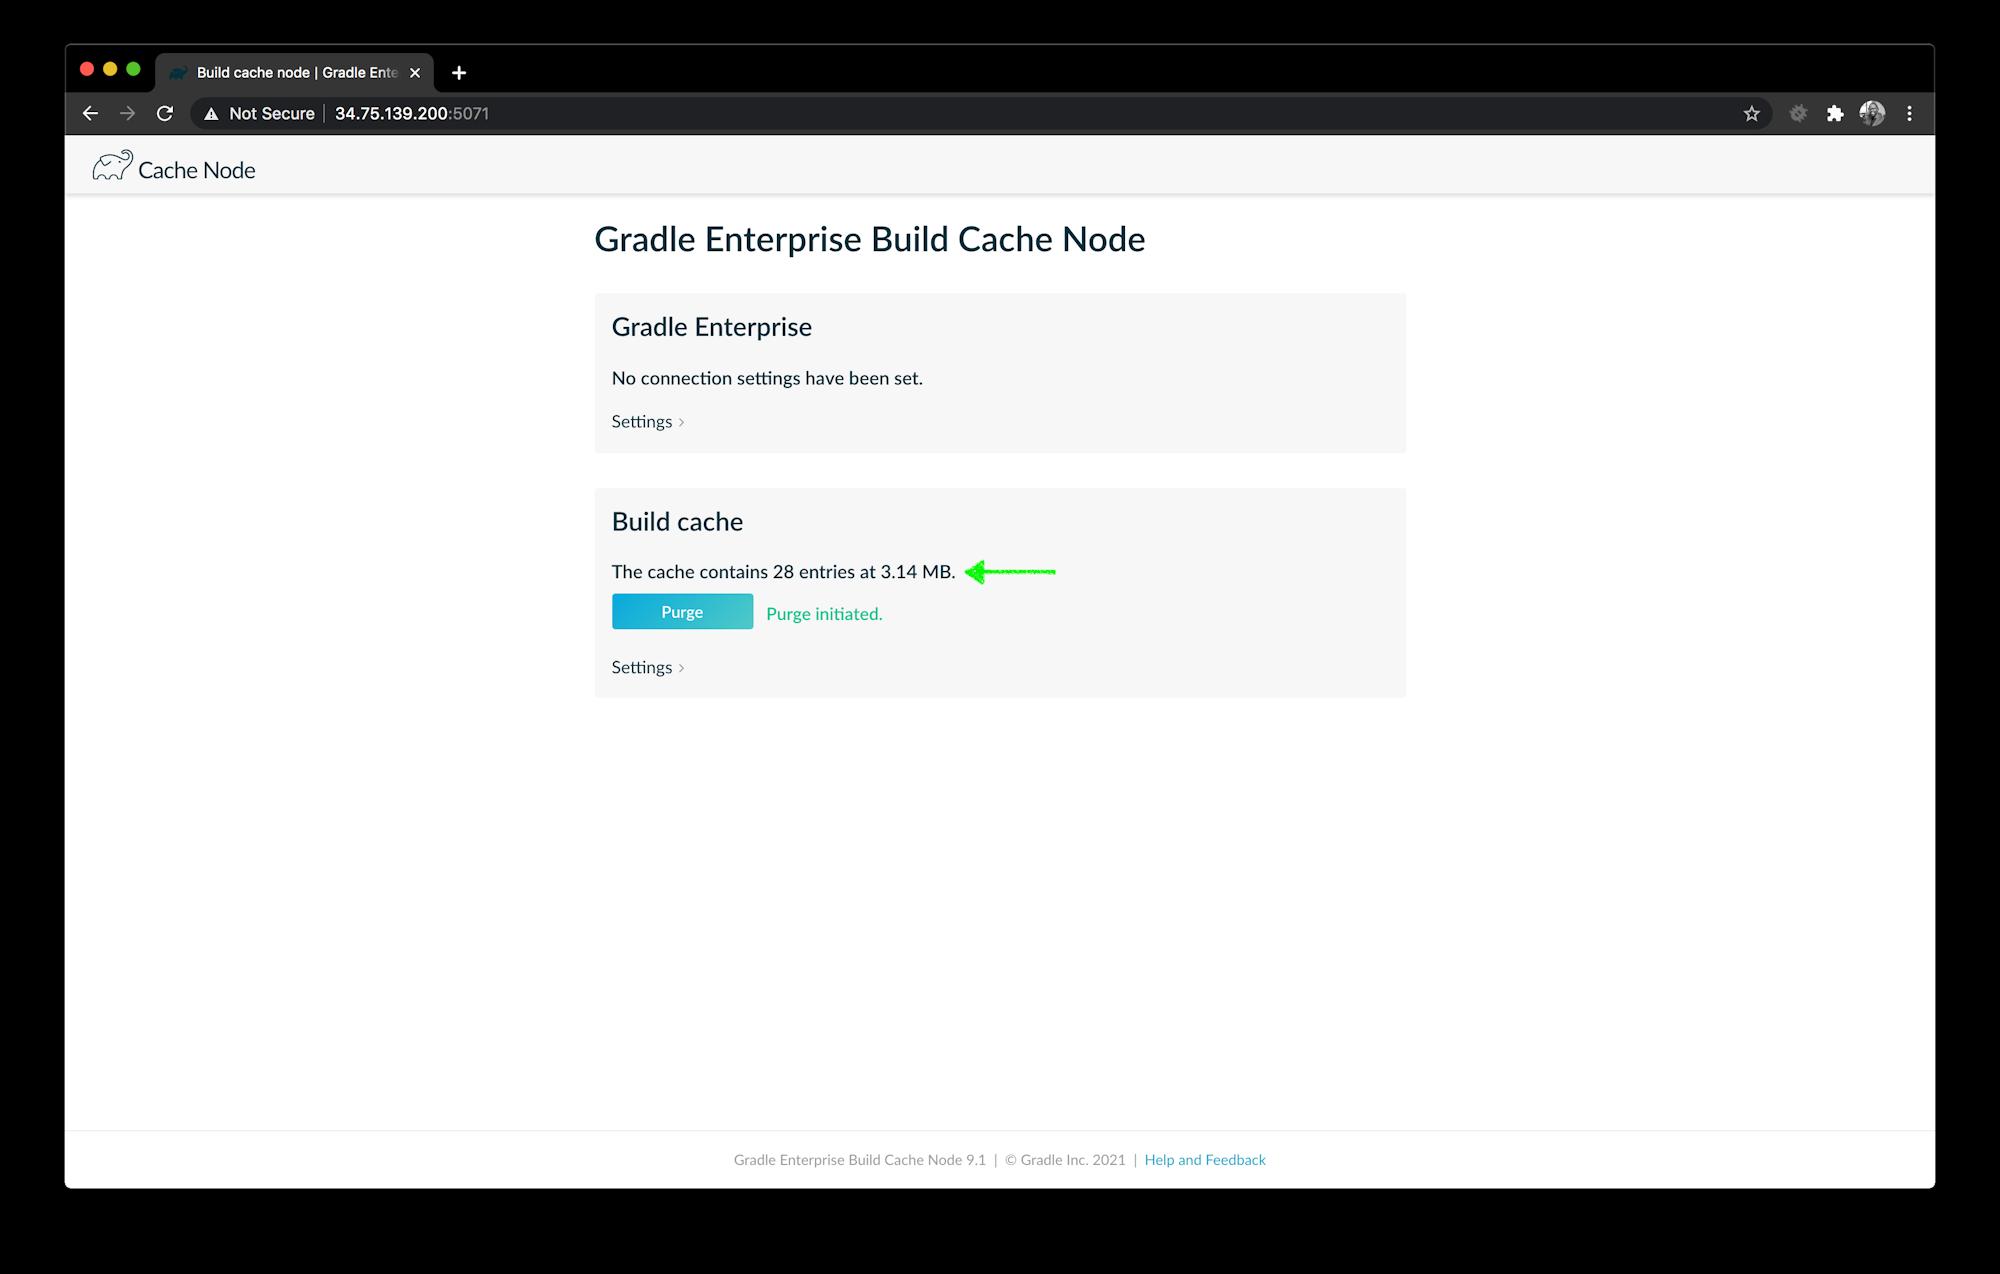 Build Cache Node